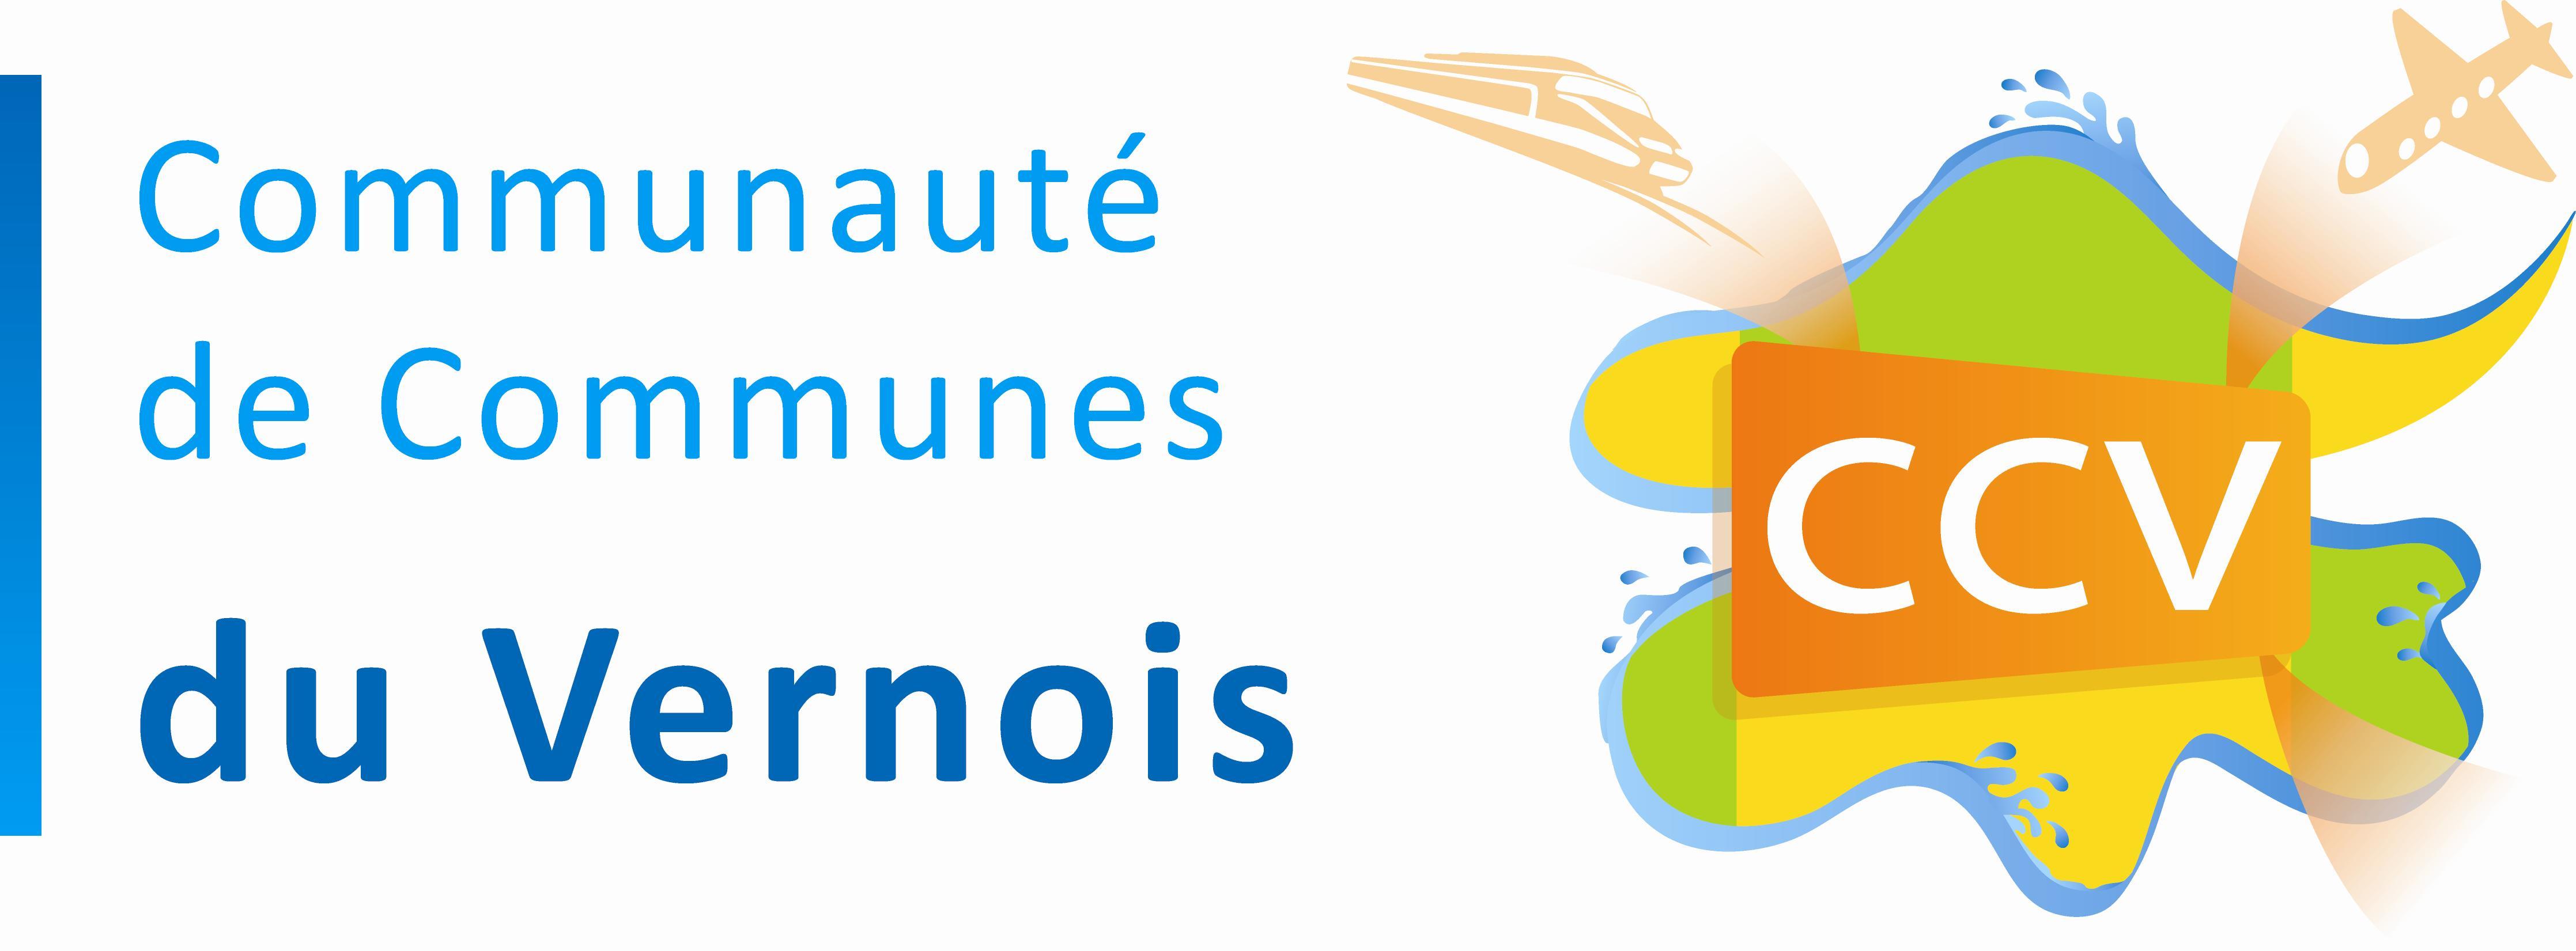 Communauté de Communes du Vernois